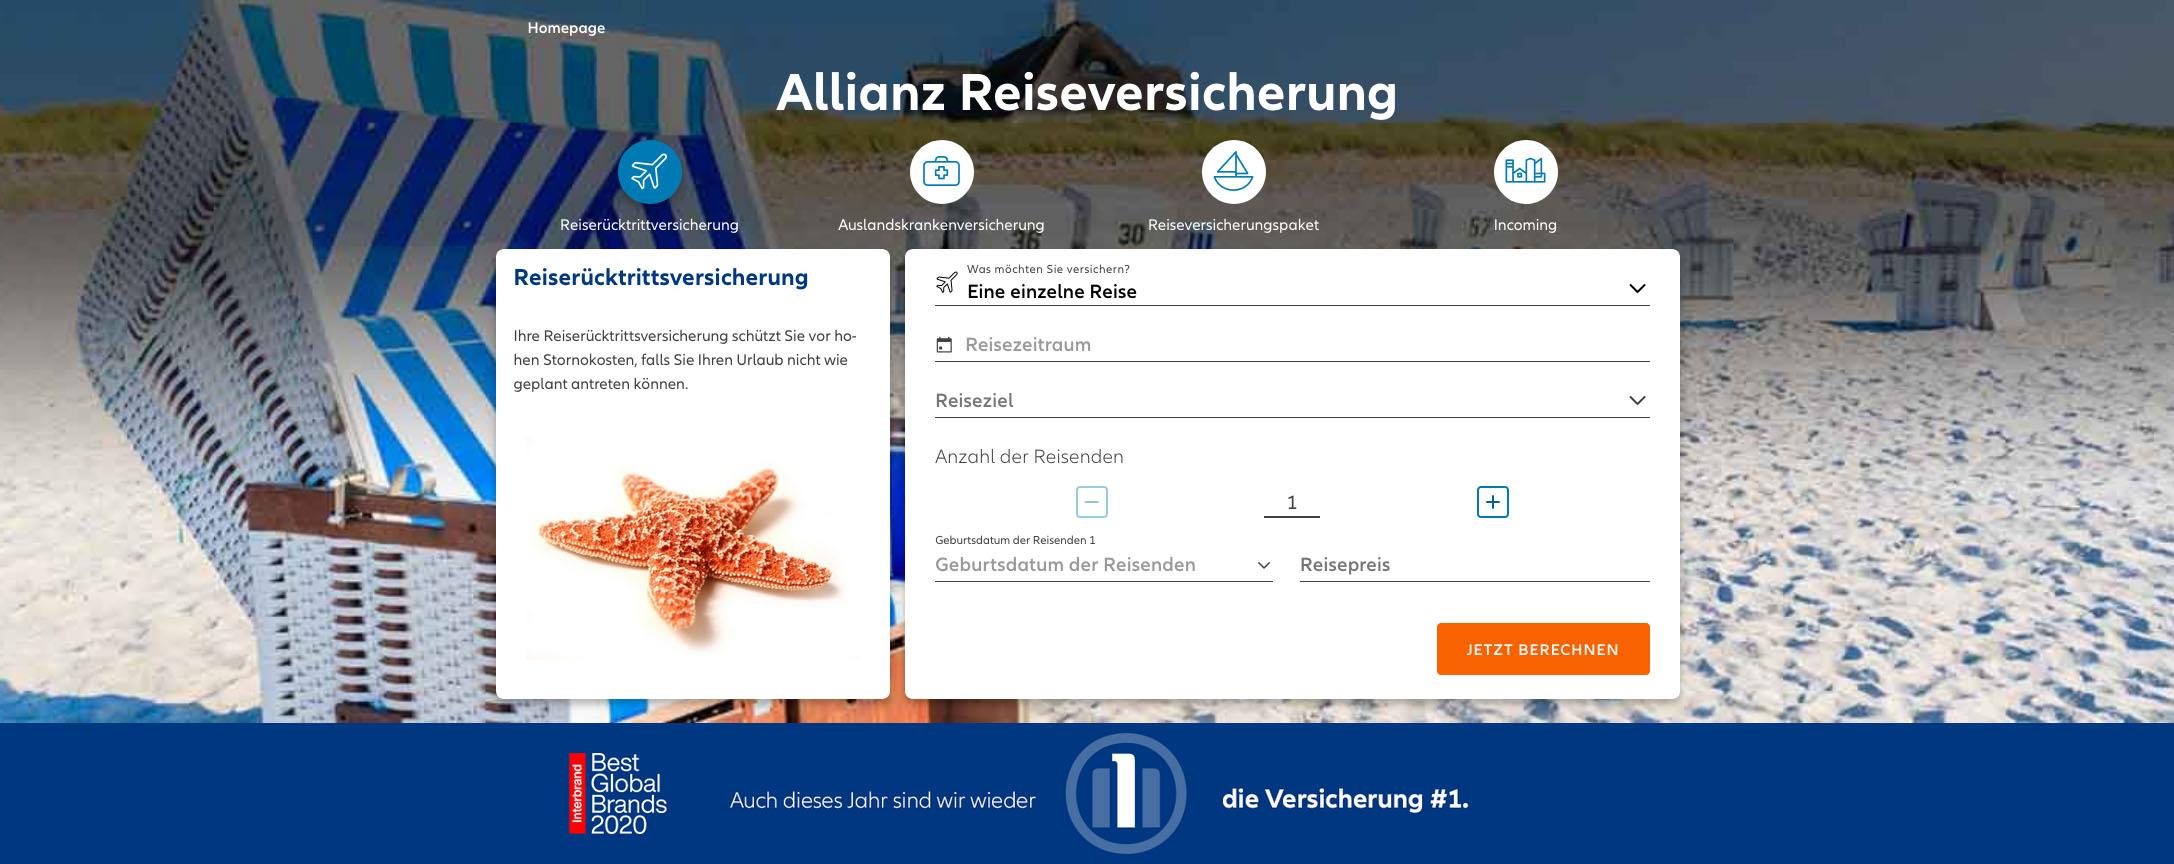 Allianz Website